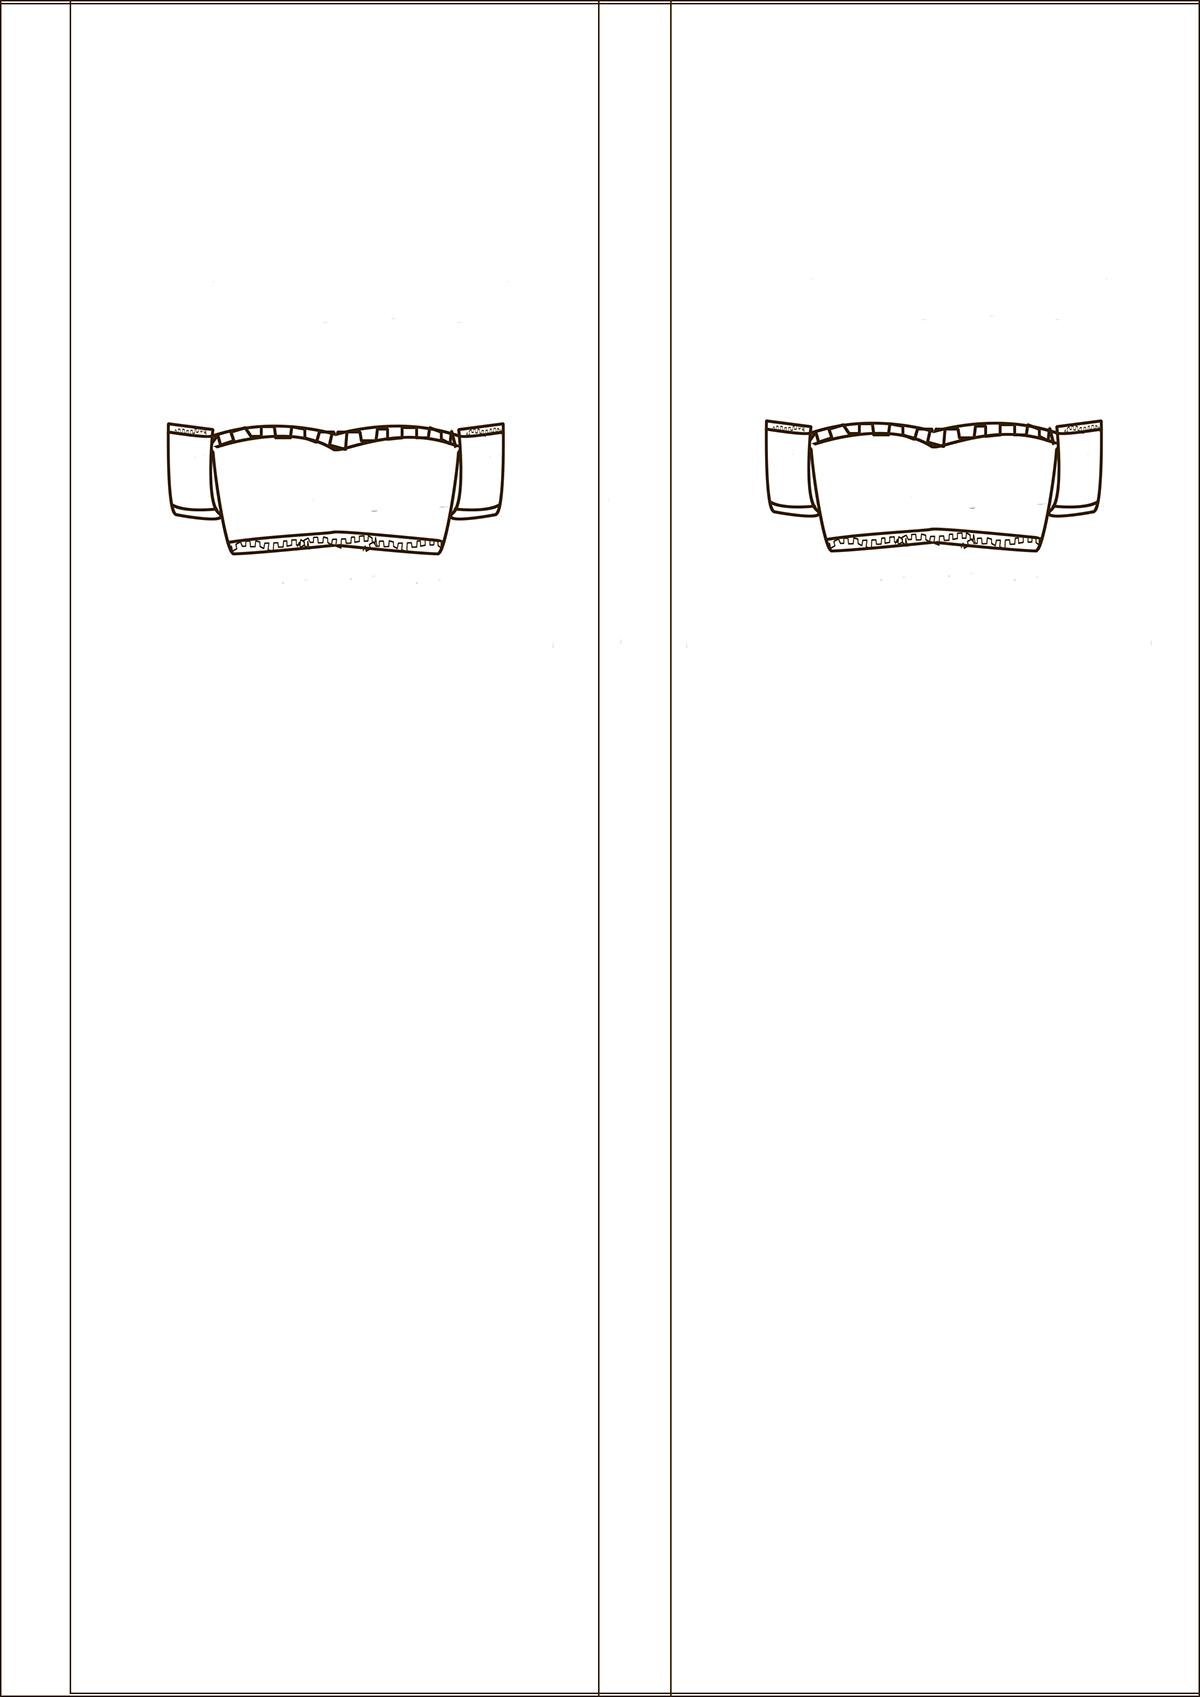 Image may contain: abstract, drawing and screenshot